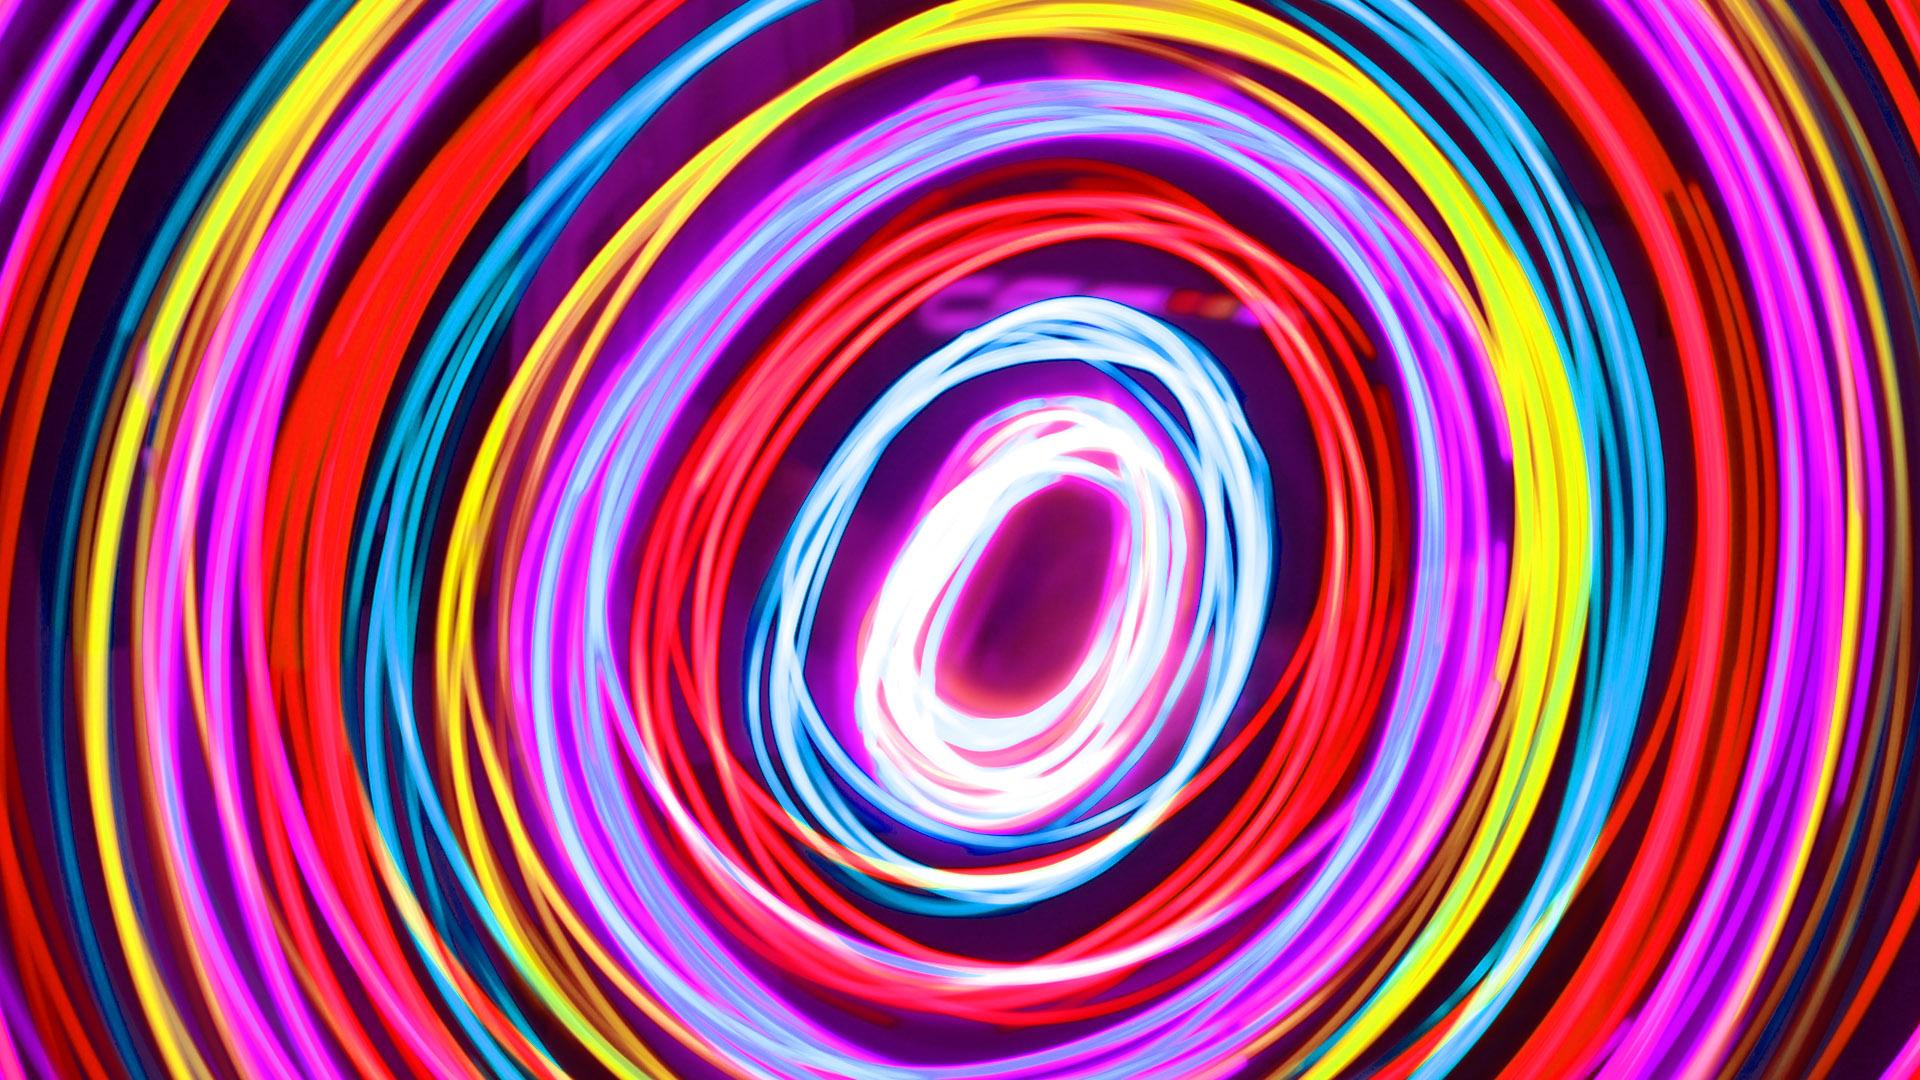 Ronddraaiende lichten in veel kleuren